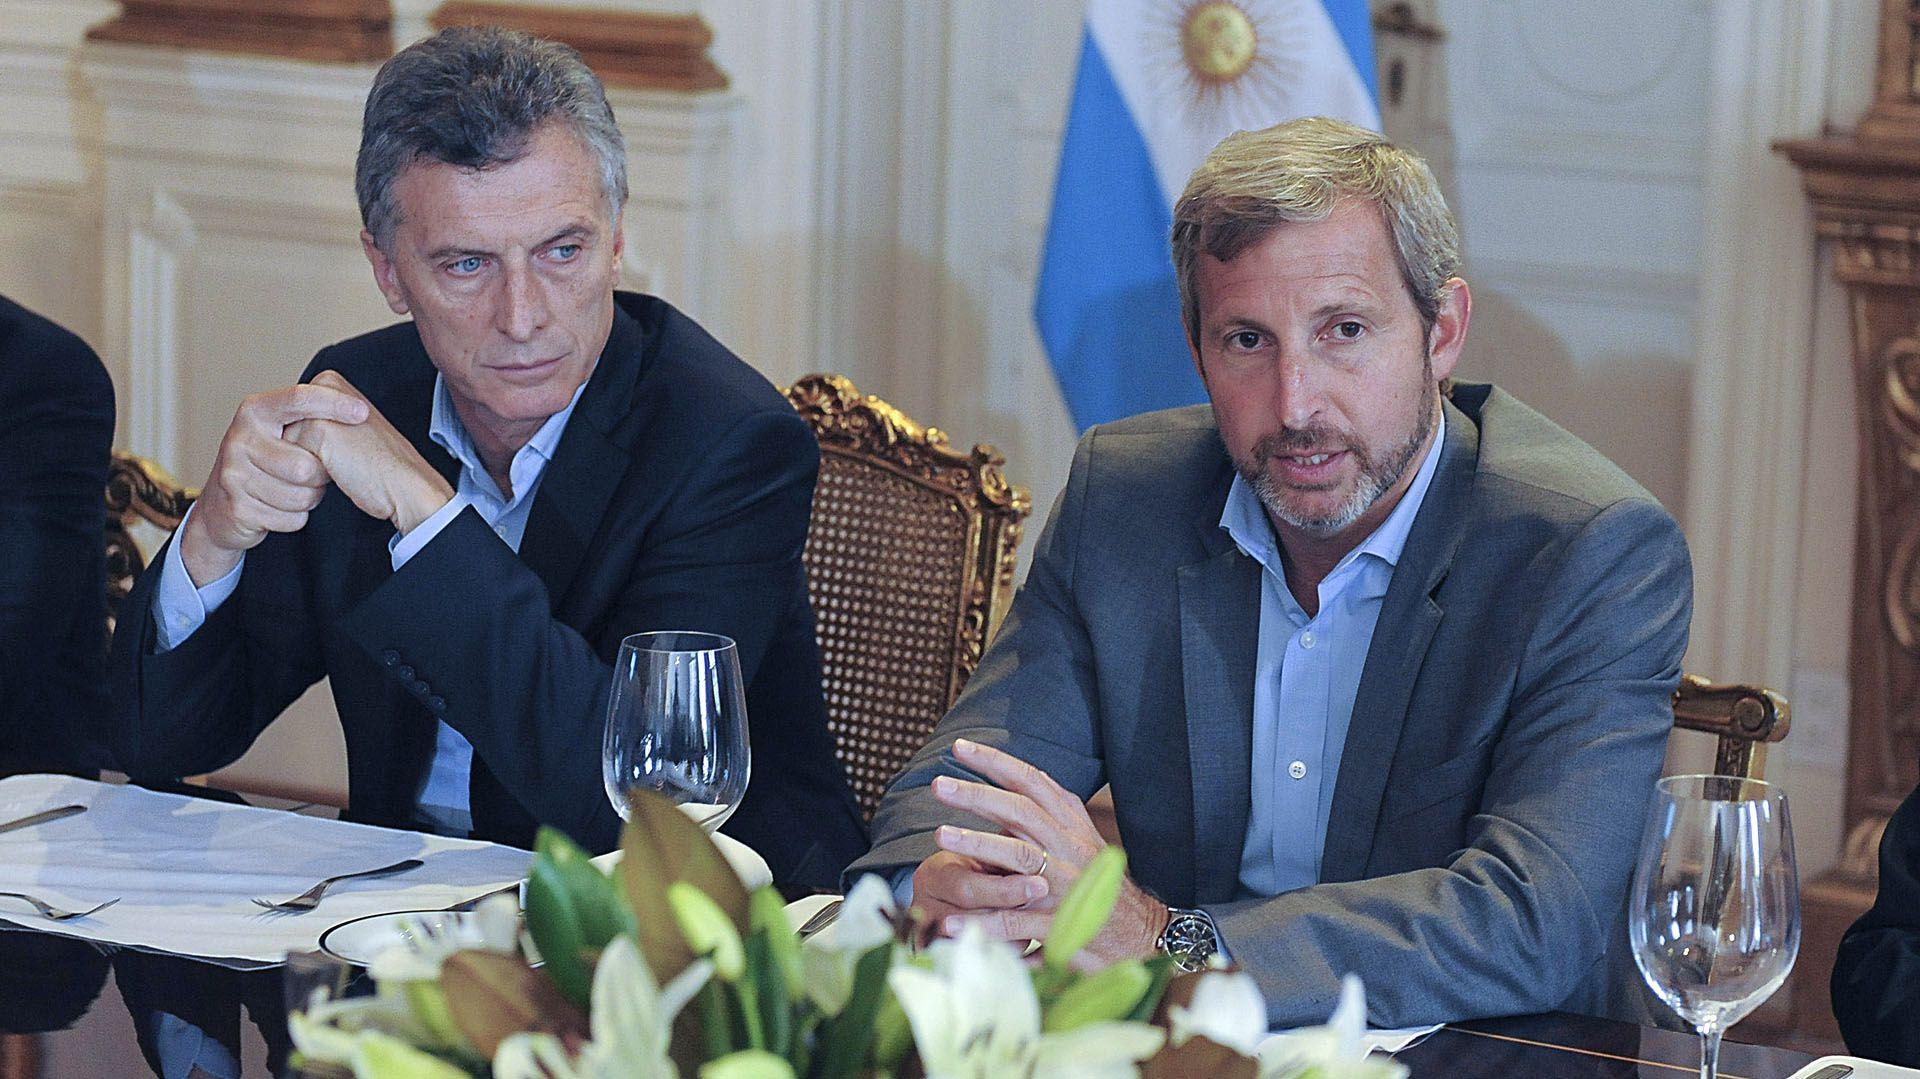 Macri ordenó a Frigerio que abriera un canal de diálogo con Fernández, tras la derrota de Juntos por el Cambio en las PASO del domingo.